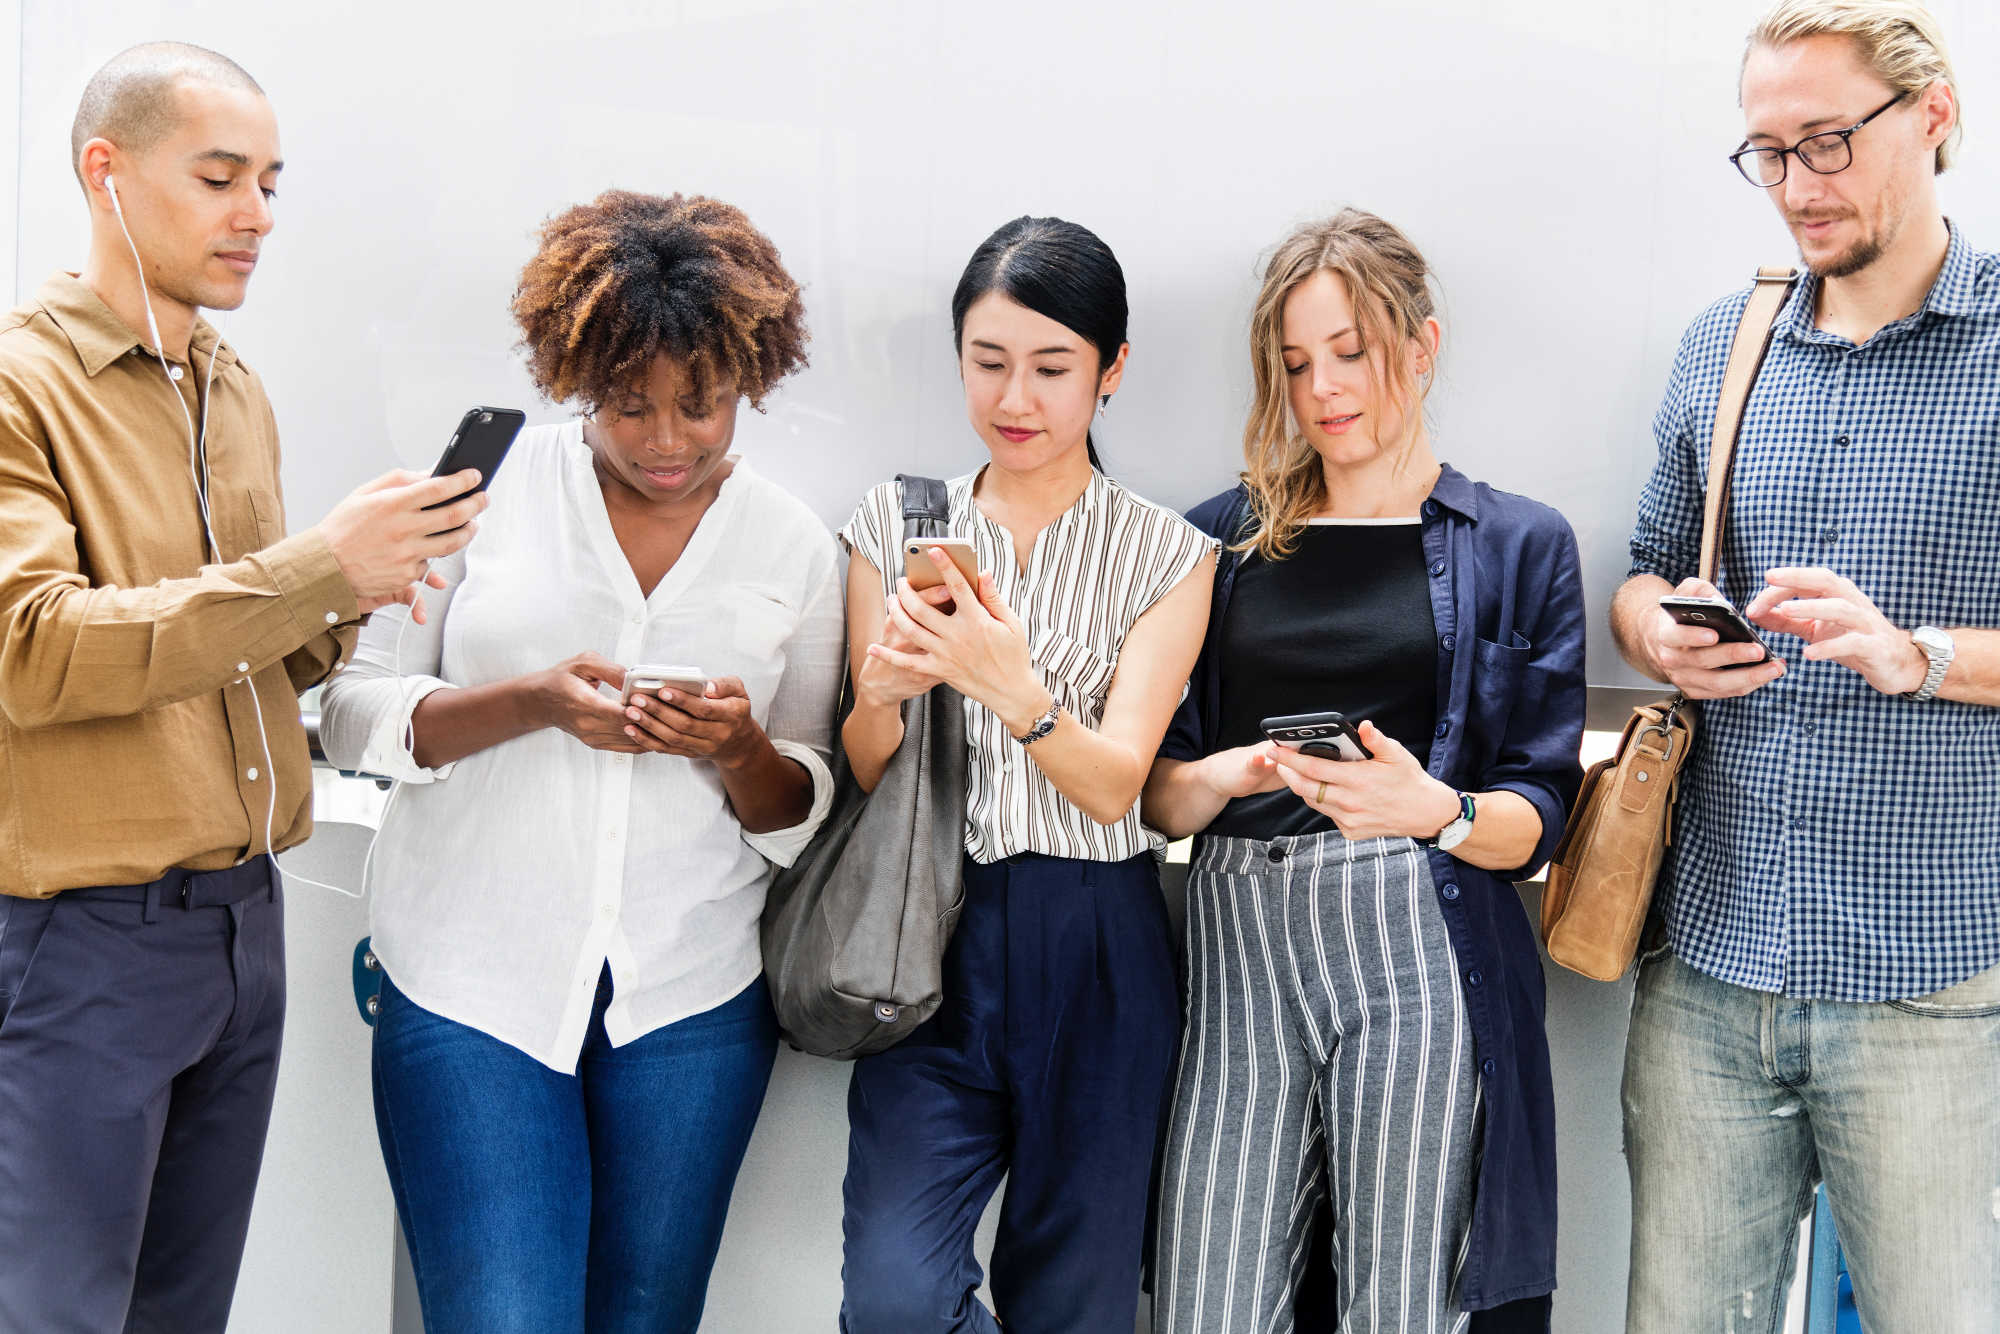 Les médias sociaux affectent notre façon de voir notre corps